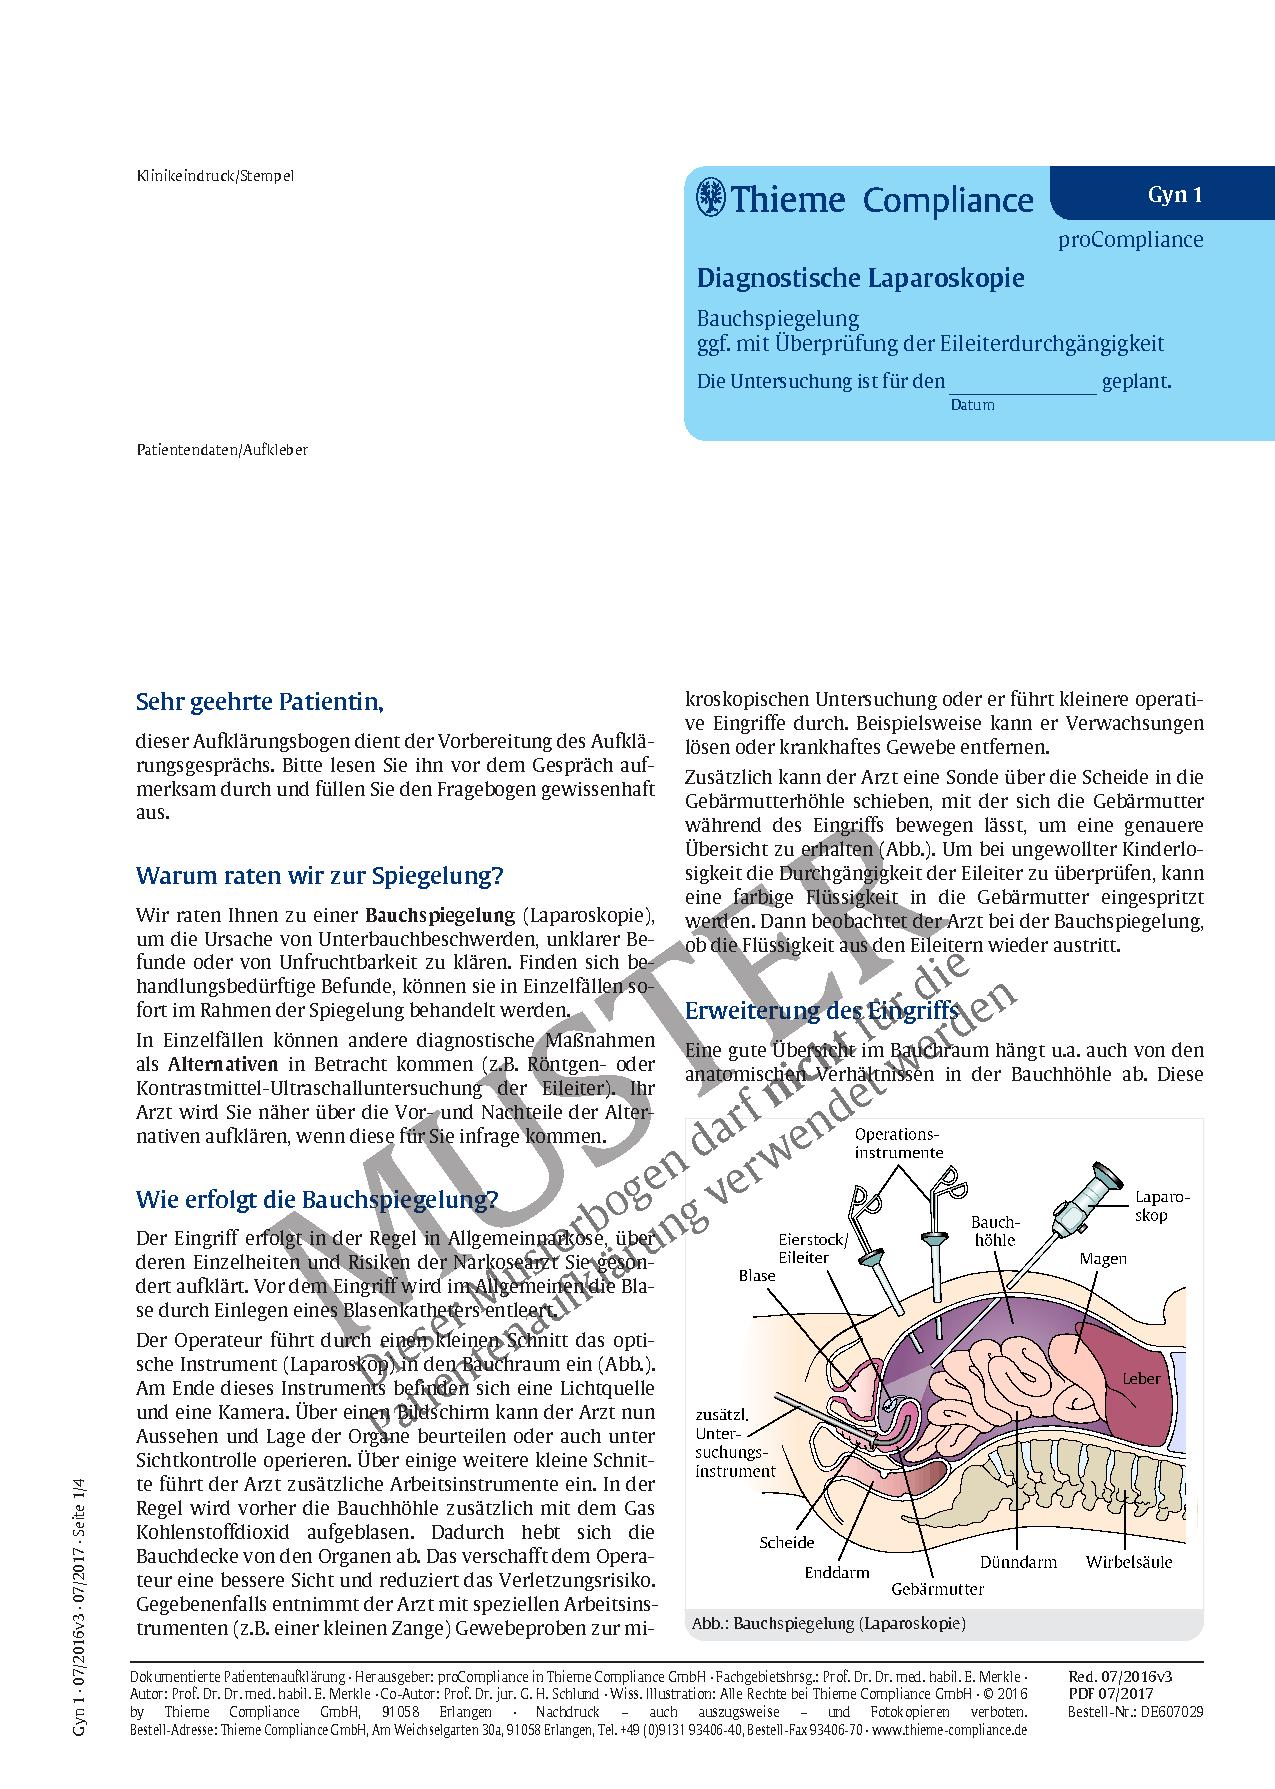 Ausgezeichnet Anatomie Eileiter Fotos - Anatomie Von Menschlichen ...